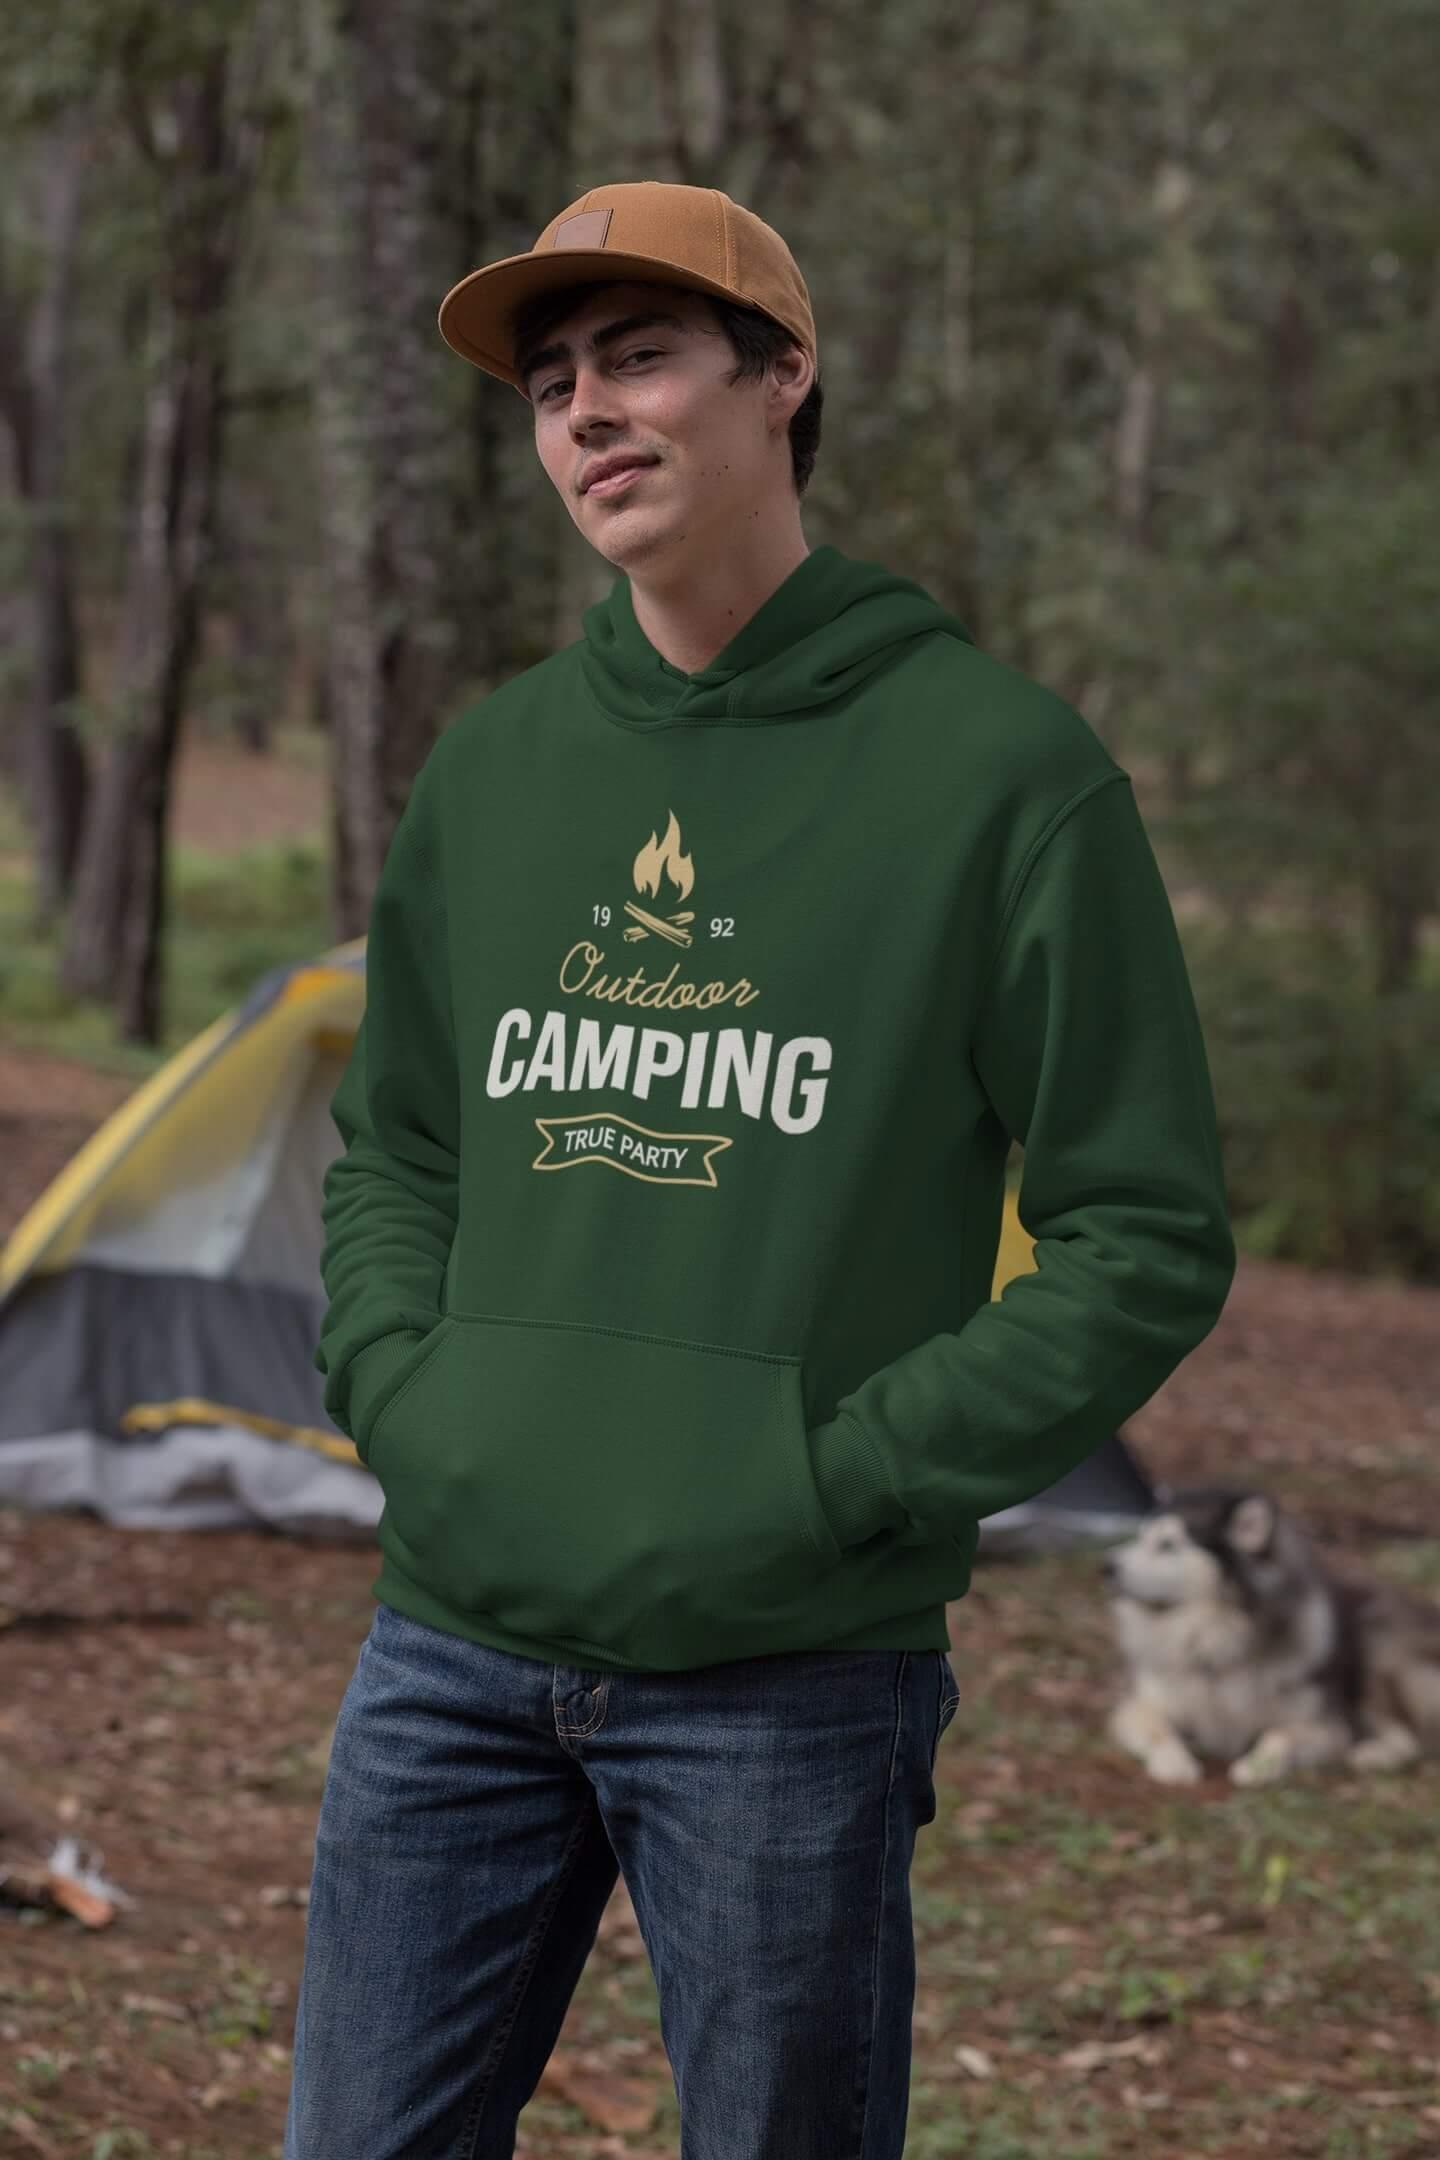 MMO Pánska mikina s kapucňou Camping Vyberte farbu: Fľaškovozelená, Vyberte veľkosť: M